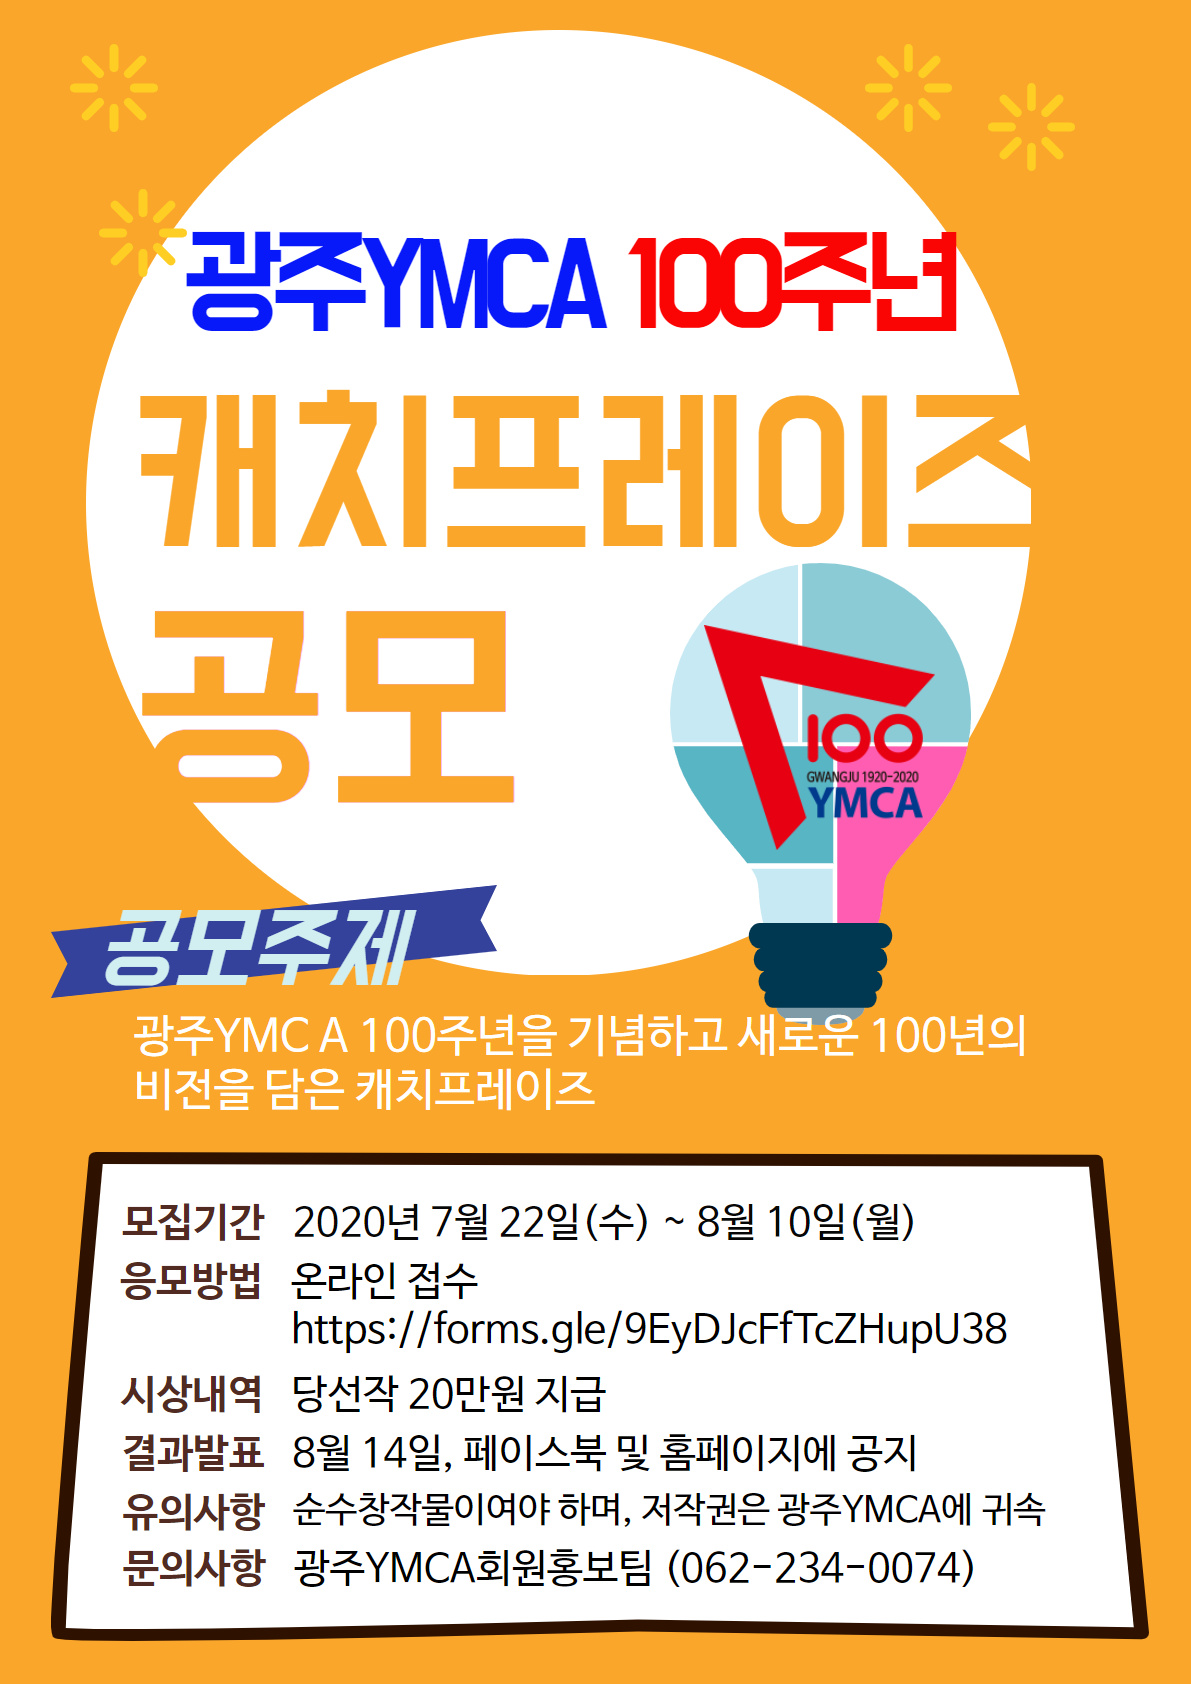 광주YMCA 100주년 캐치프레이즈 공모 (1).jpg